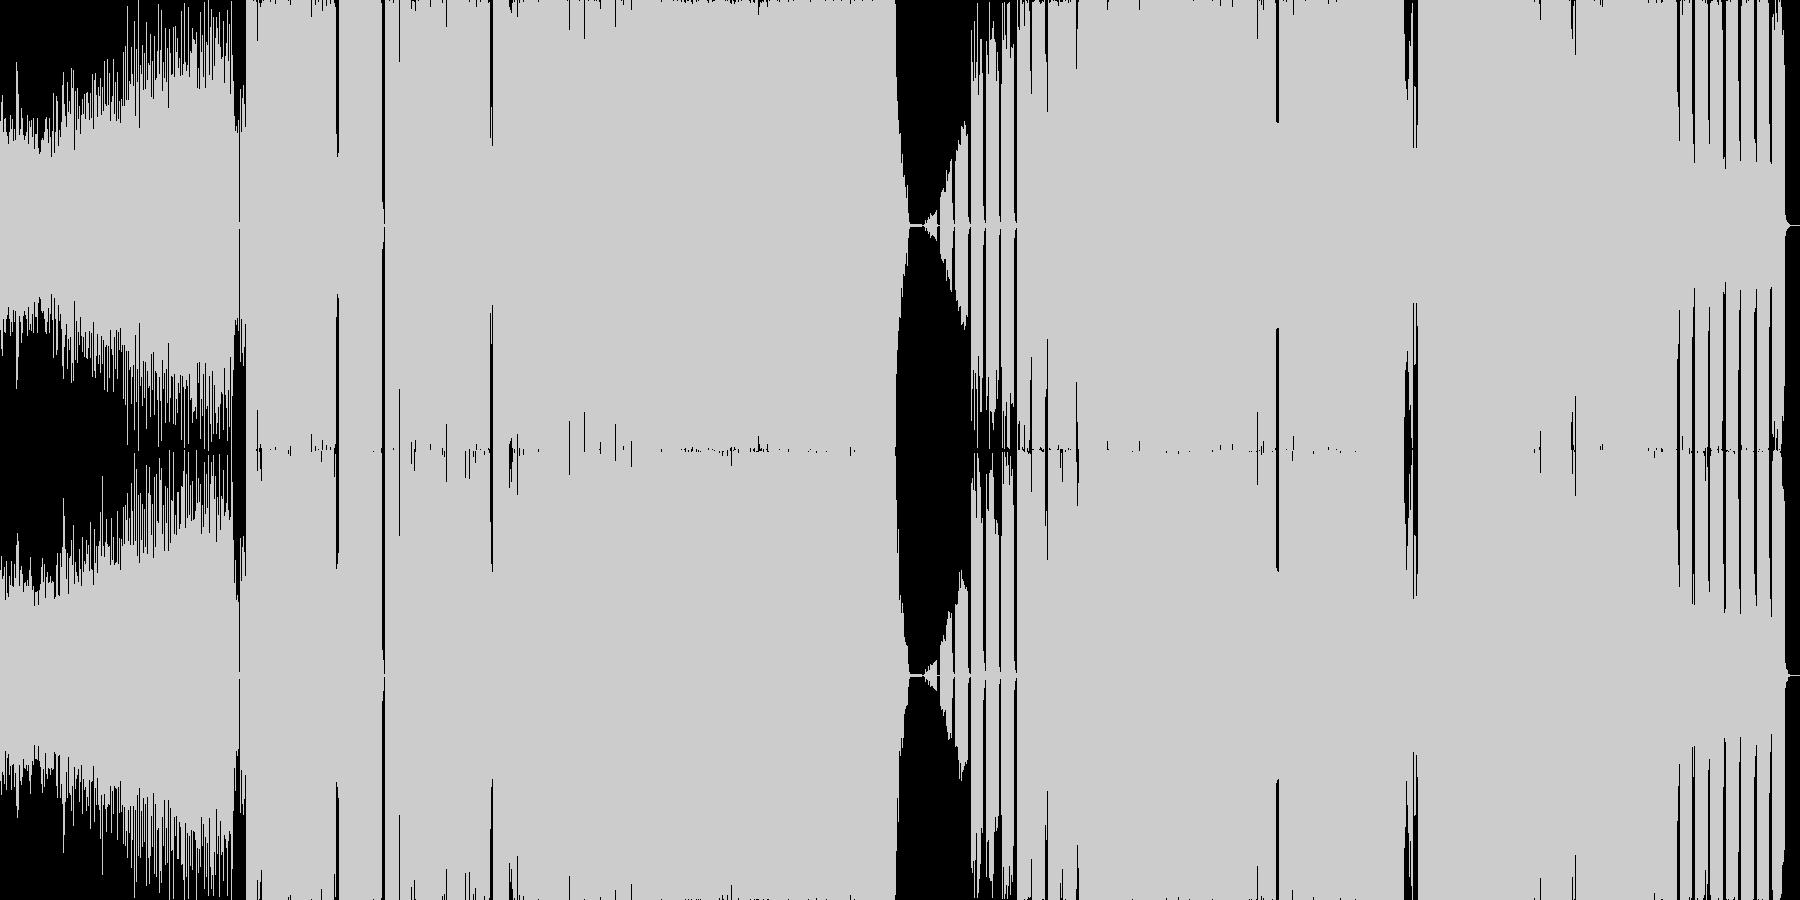 ハード系EDMの未再生の波形